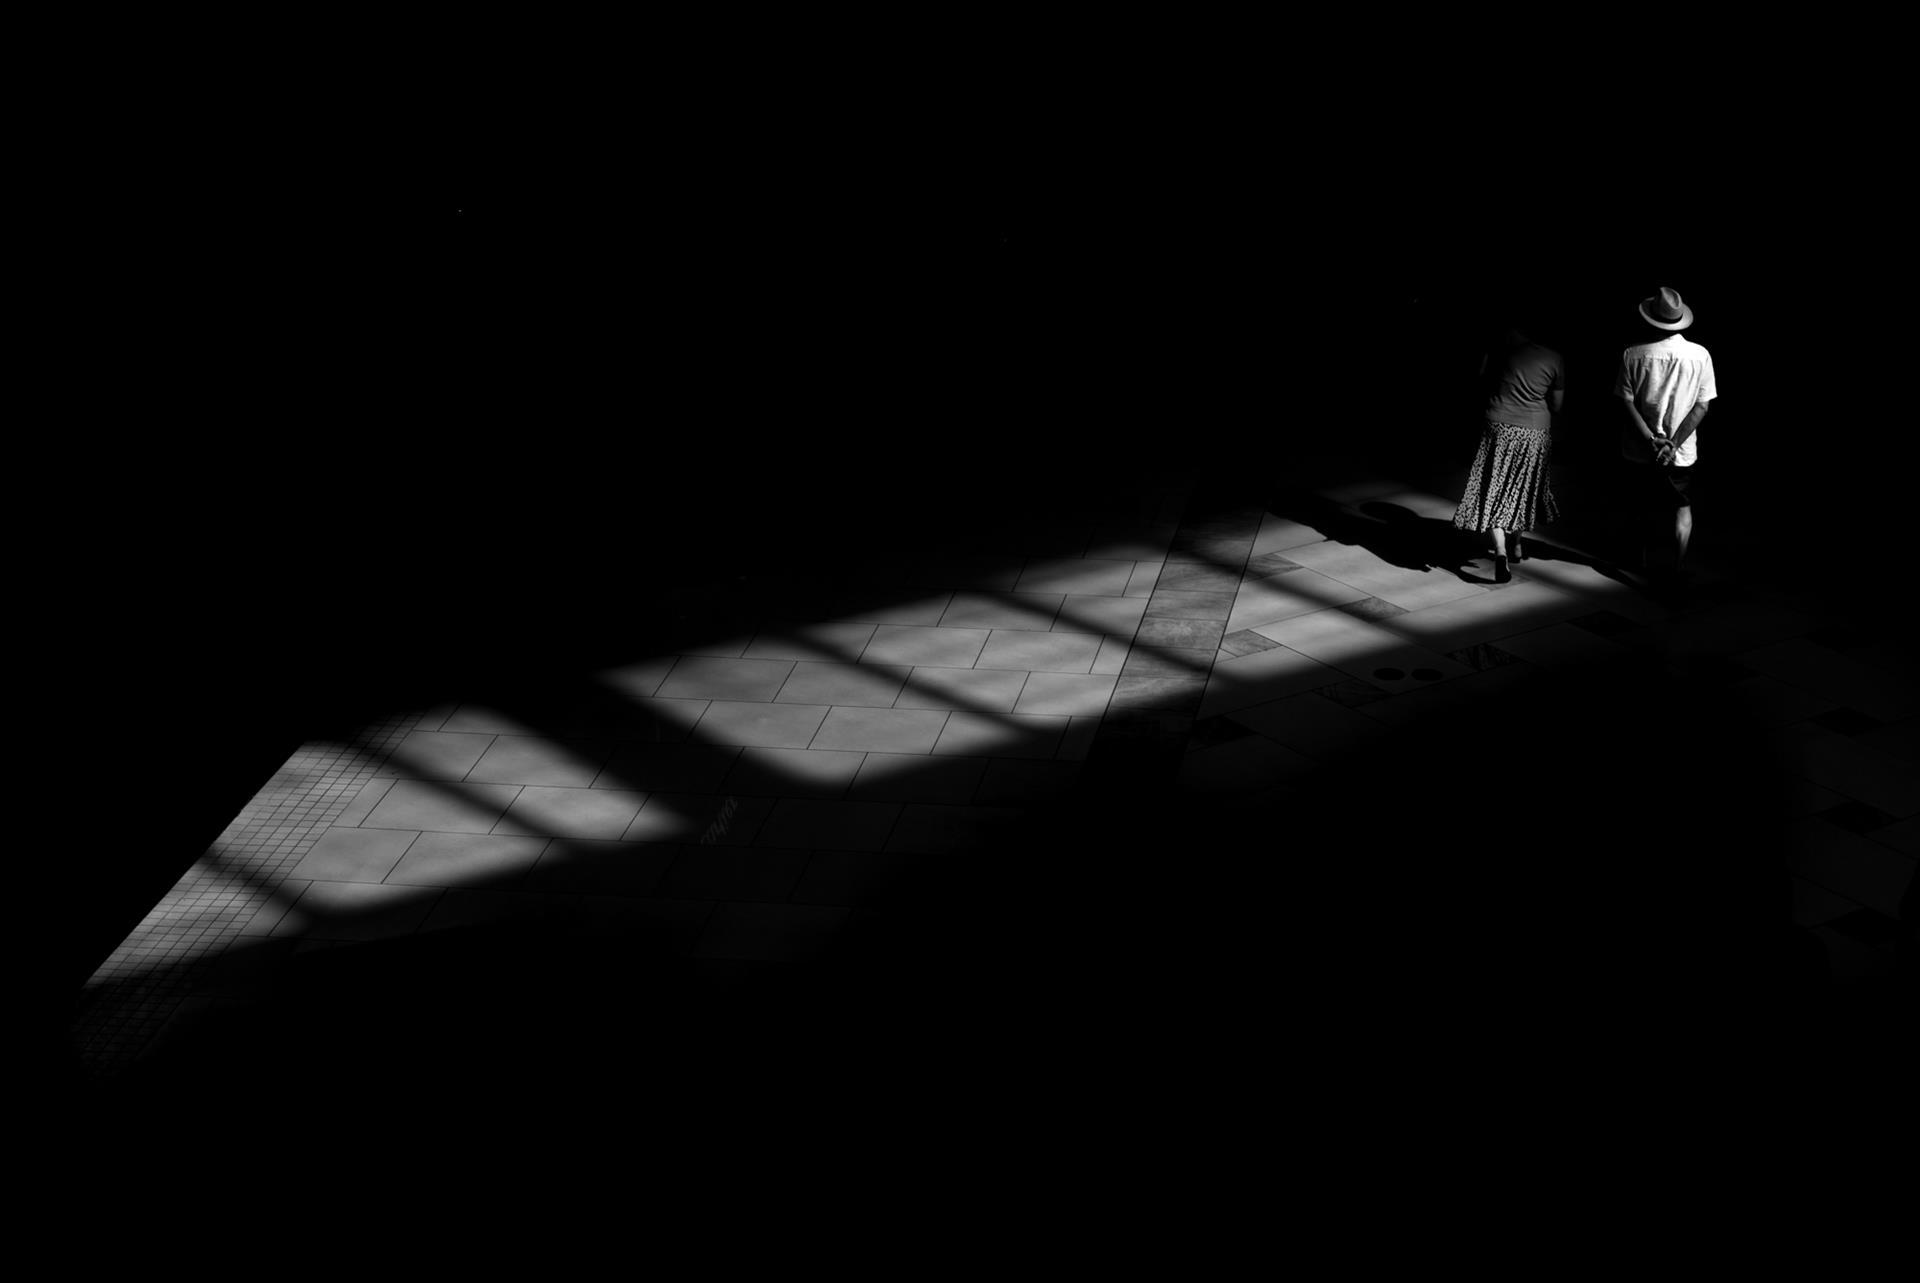 © Bastian Hertel